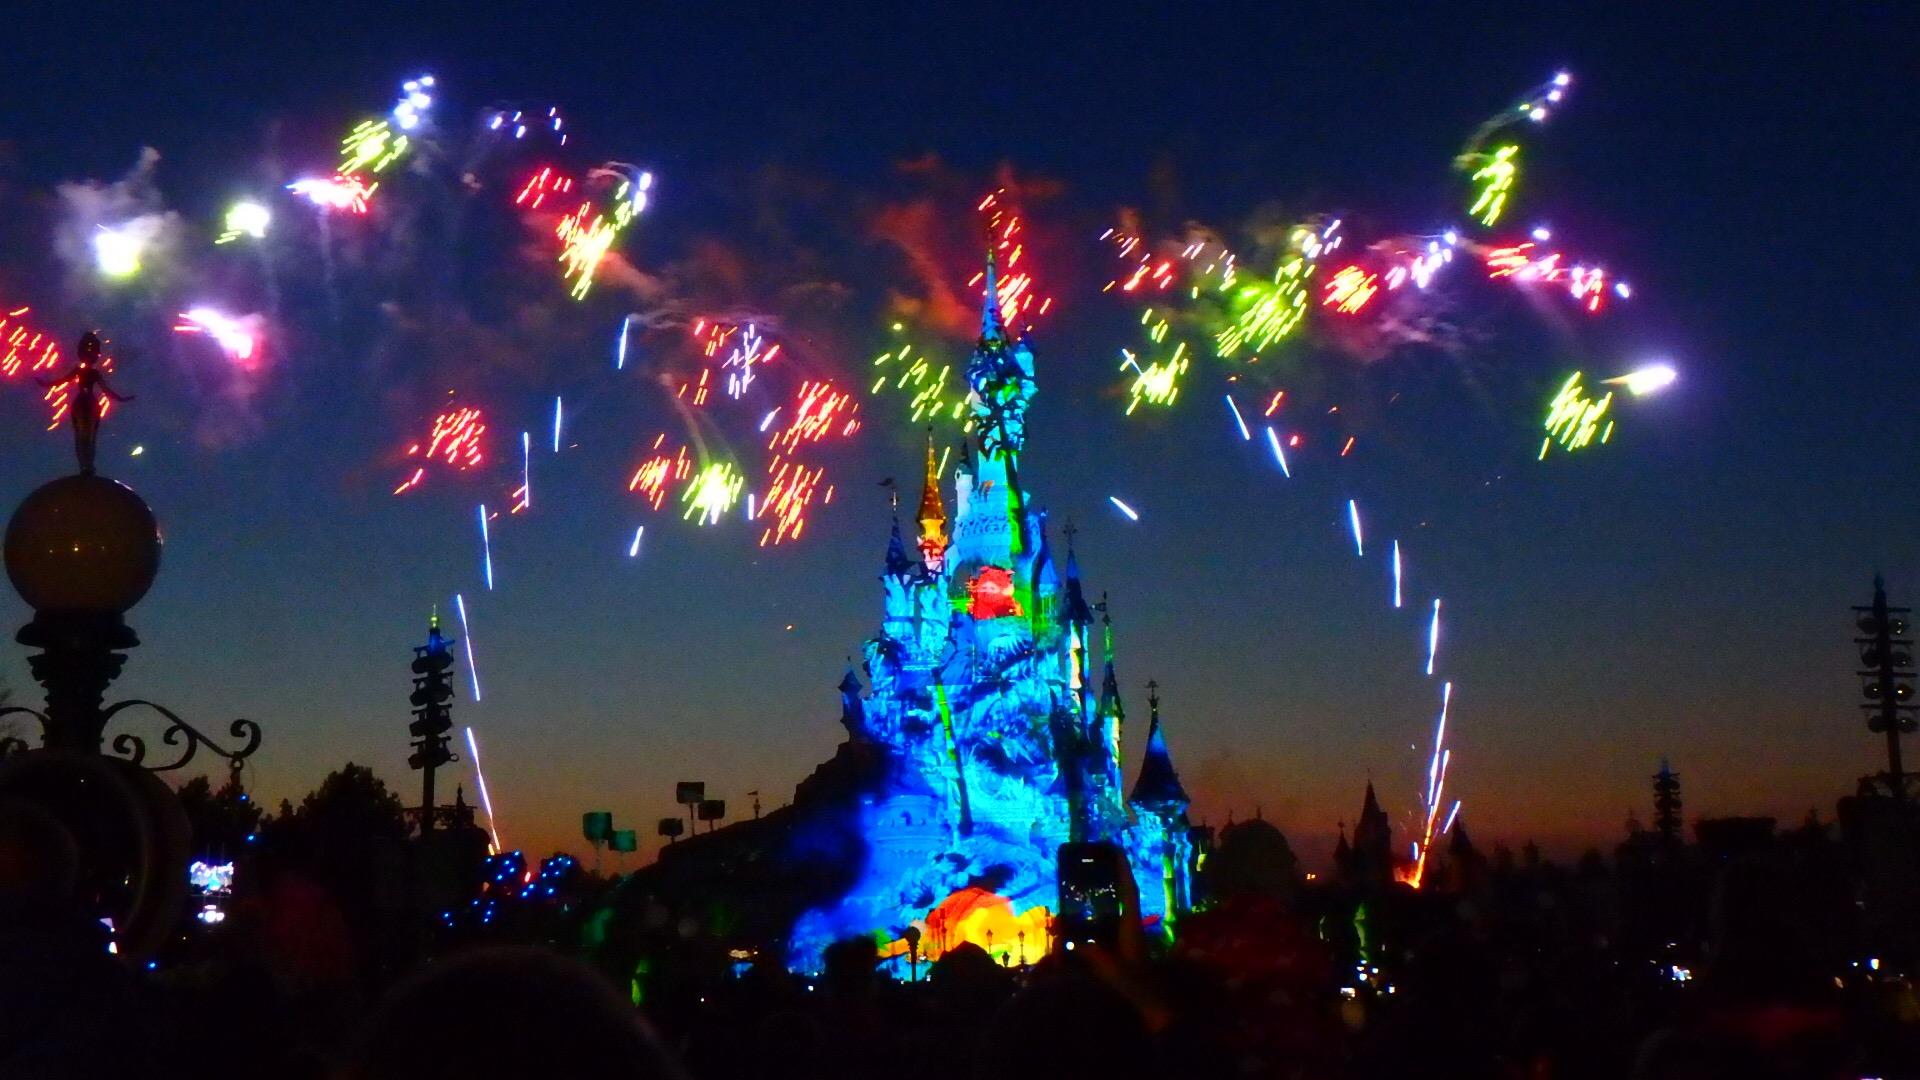 パリのディズニー 夜のショーと花火 おすすめ観覧場所